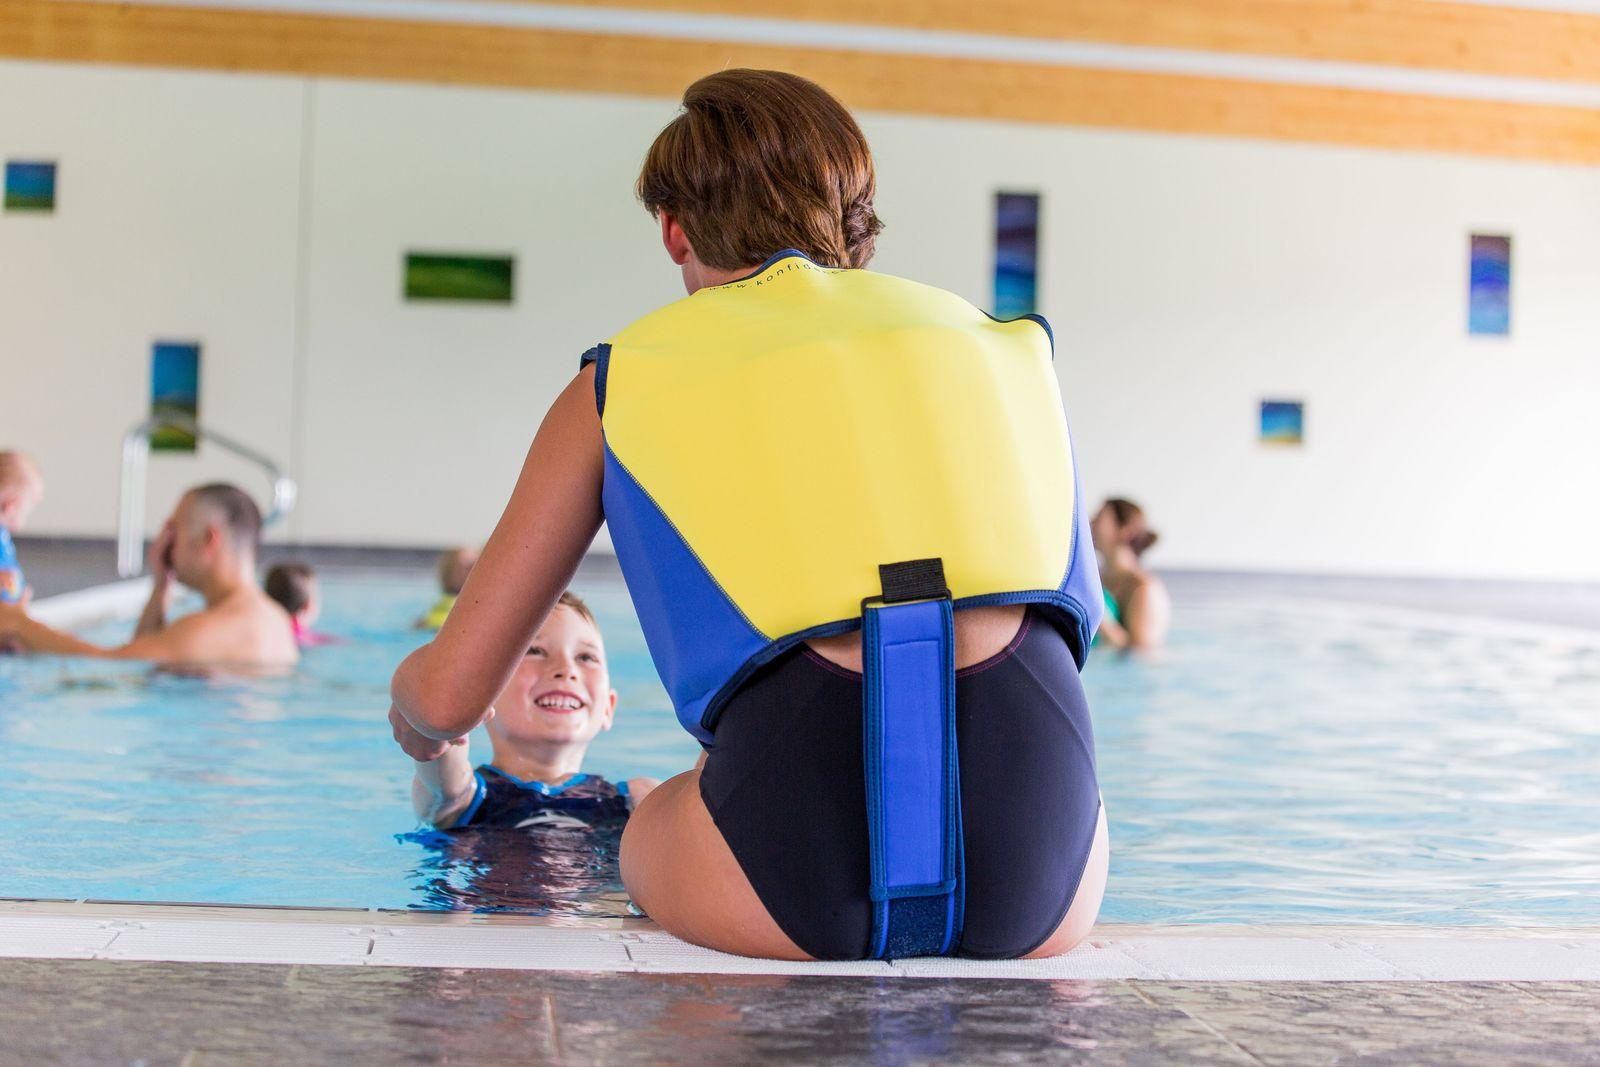 Konfidence Schwimmweste, Schwimmhilfe für Erwachsene mit umfangreichem Schwimmratgeber – Bild 5